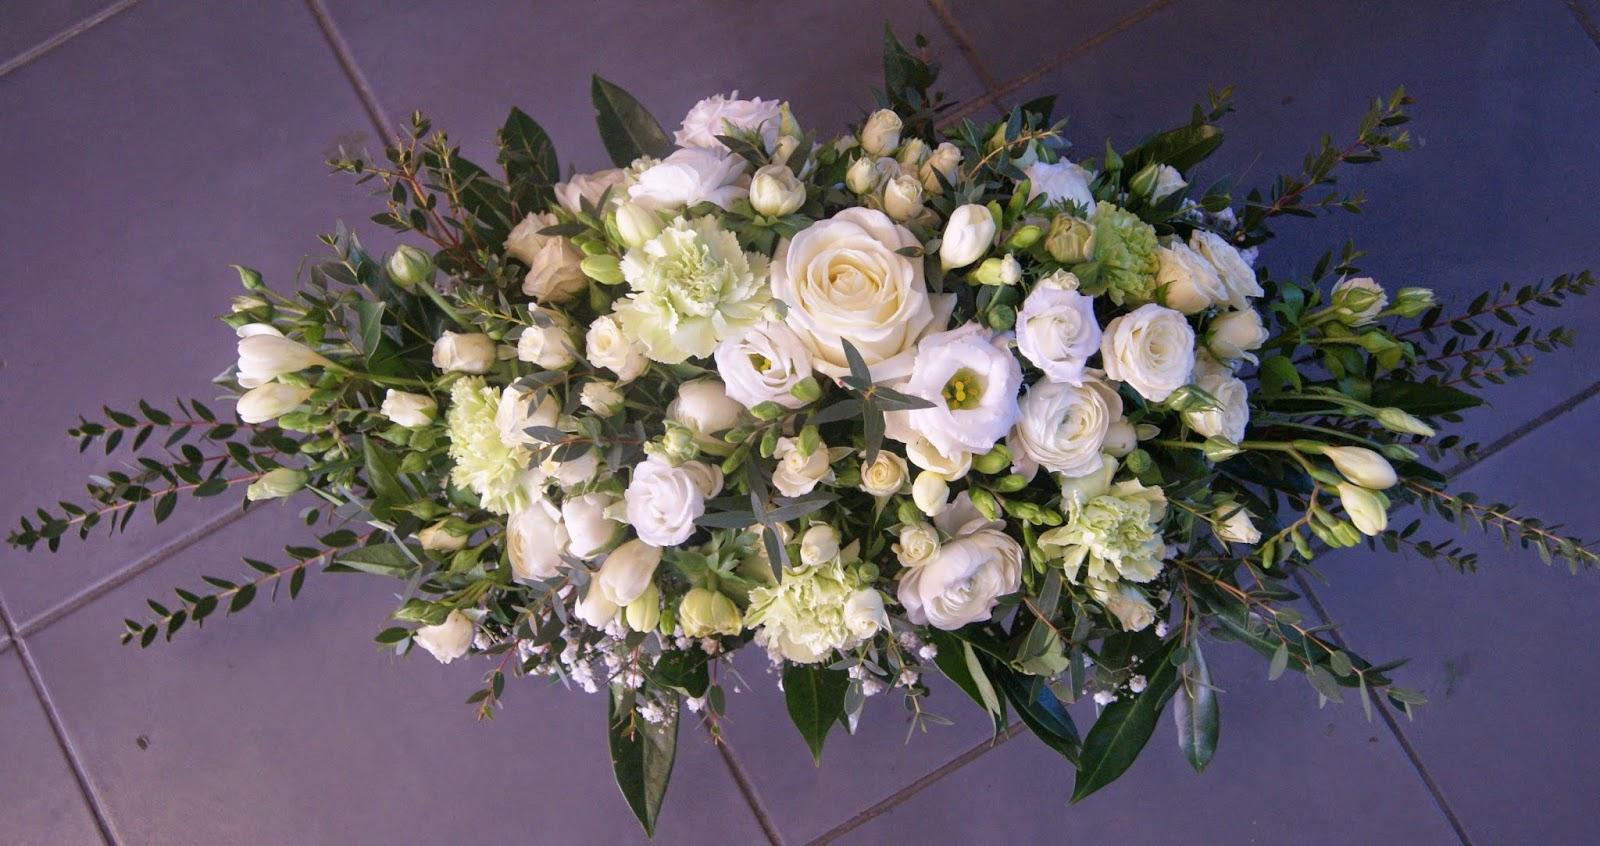 Des magnolias sur ma voie lact e compositions florales for Petites compositions florales pour table